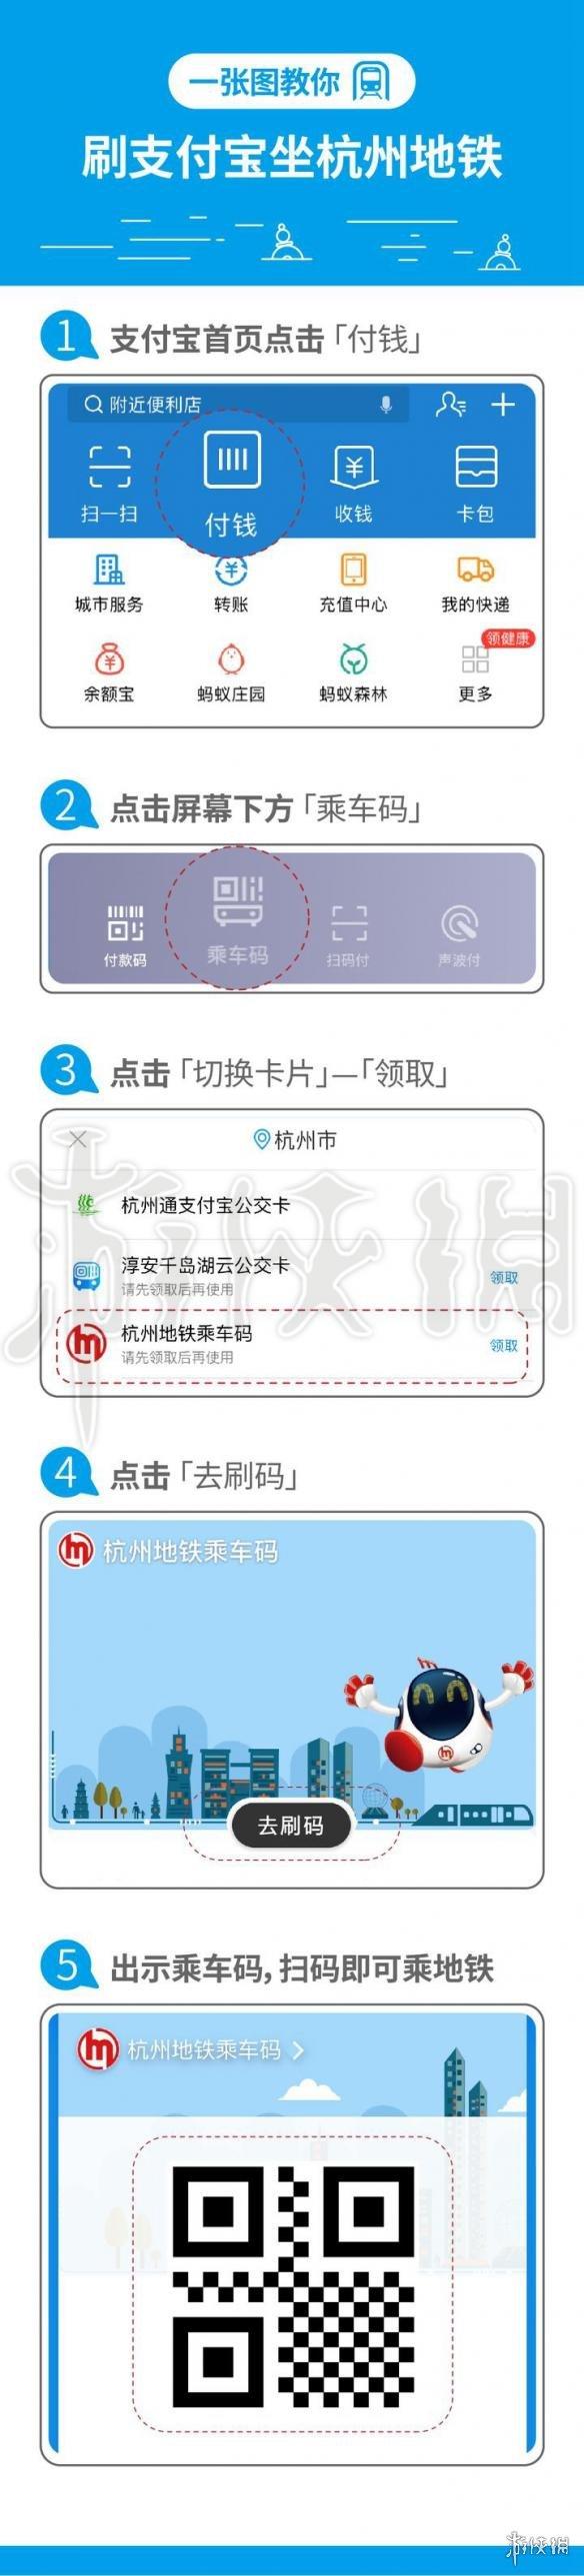 杭州地铁刷支付宝的机器在哪 杭州全地铁支付宝扫码乘车技巧